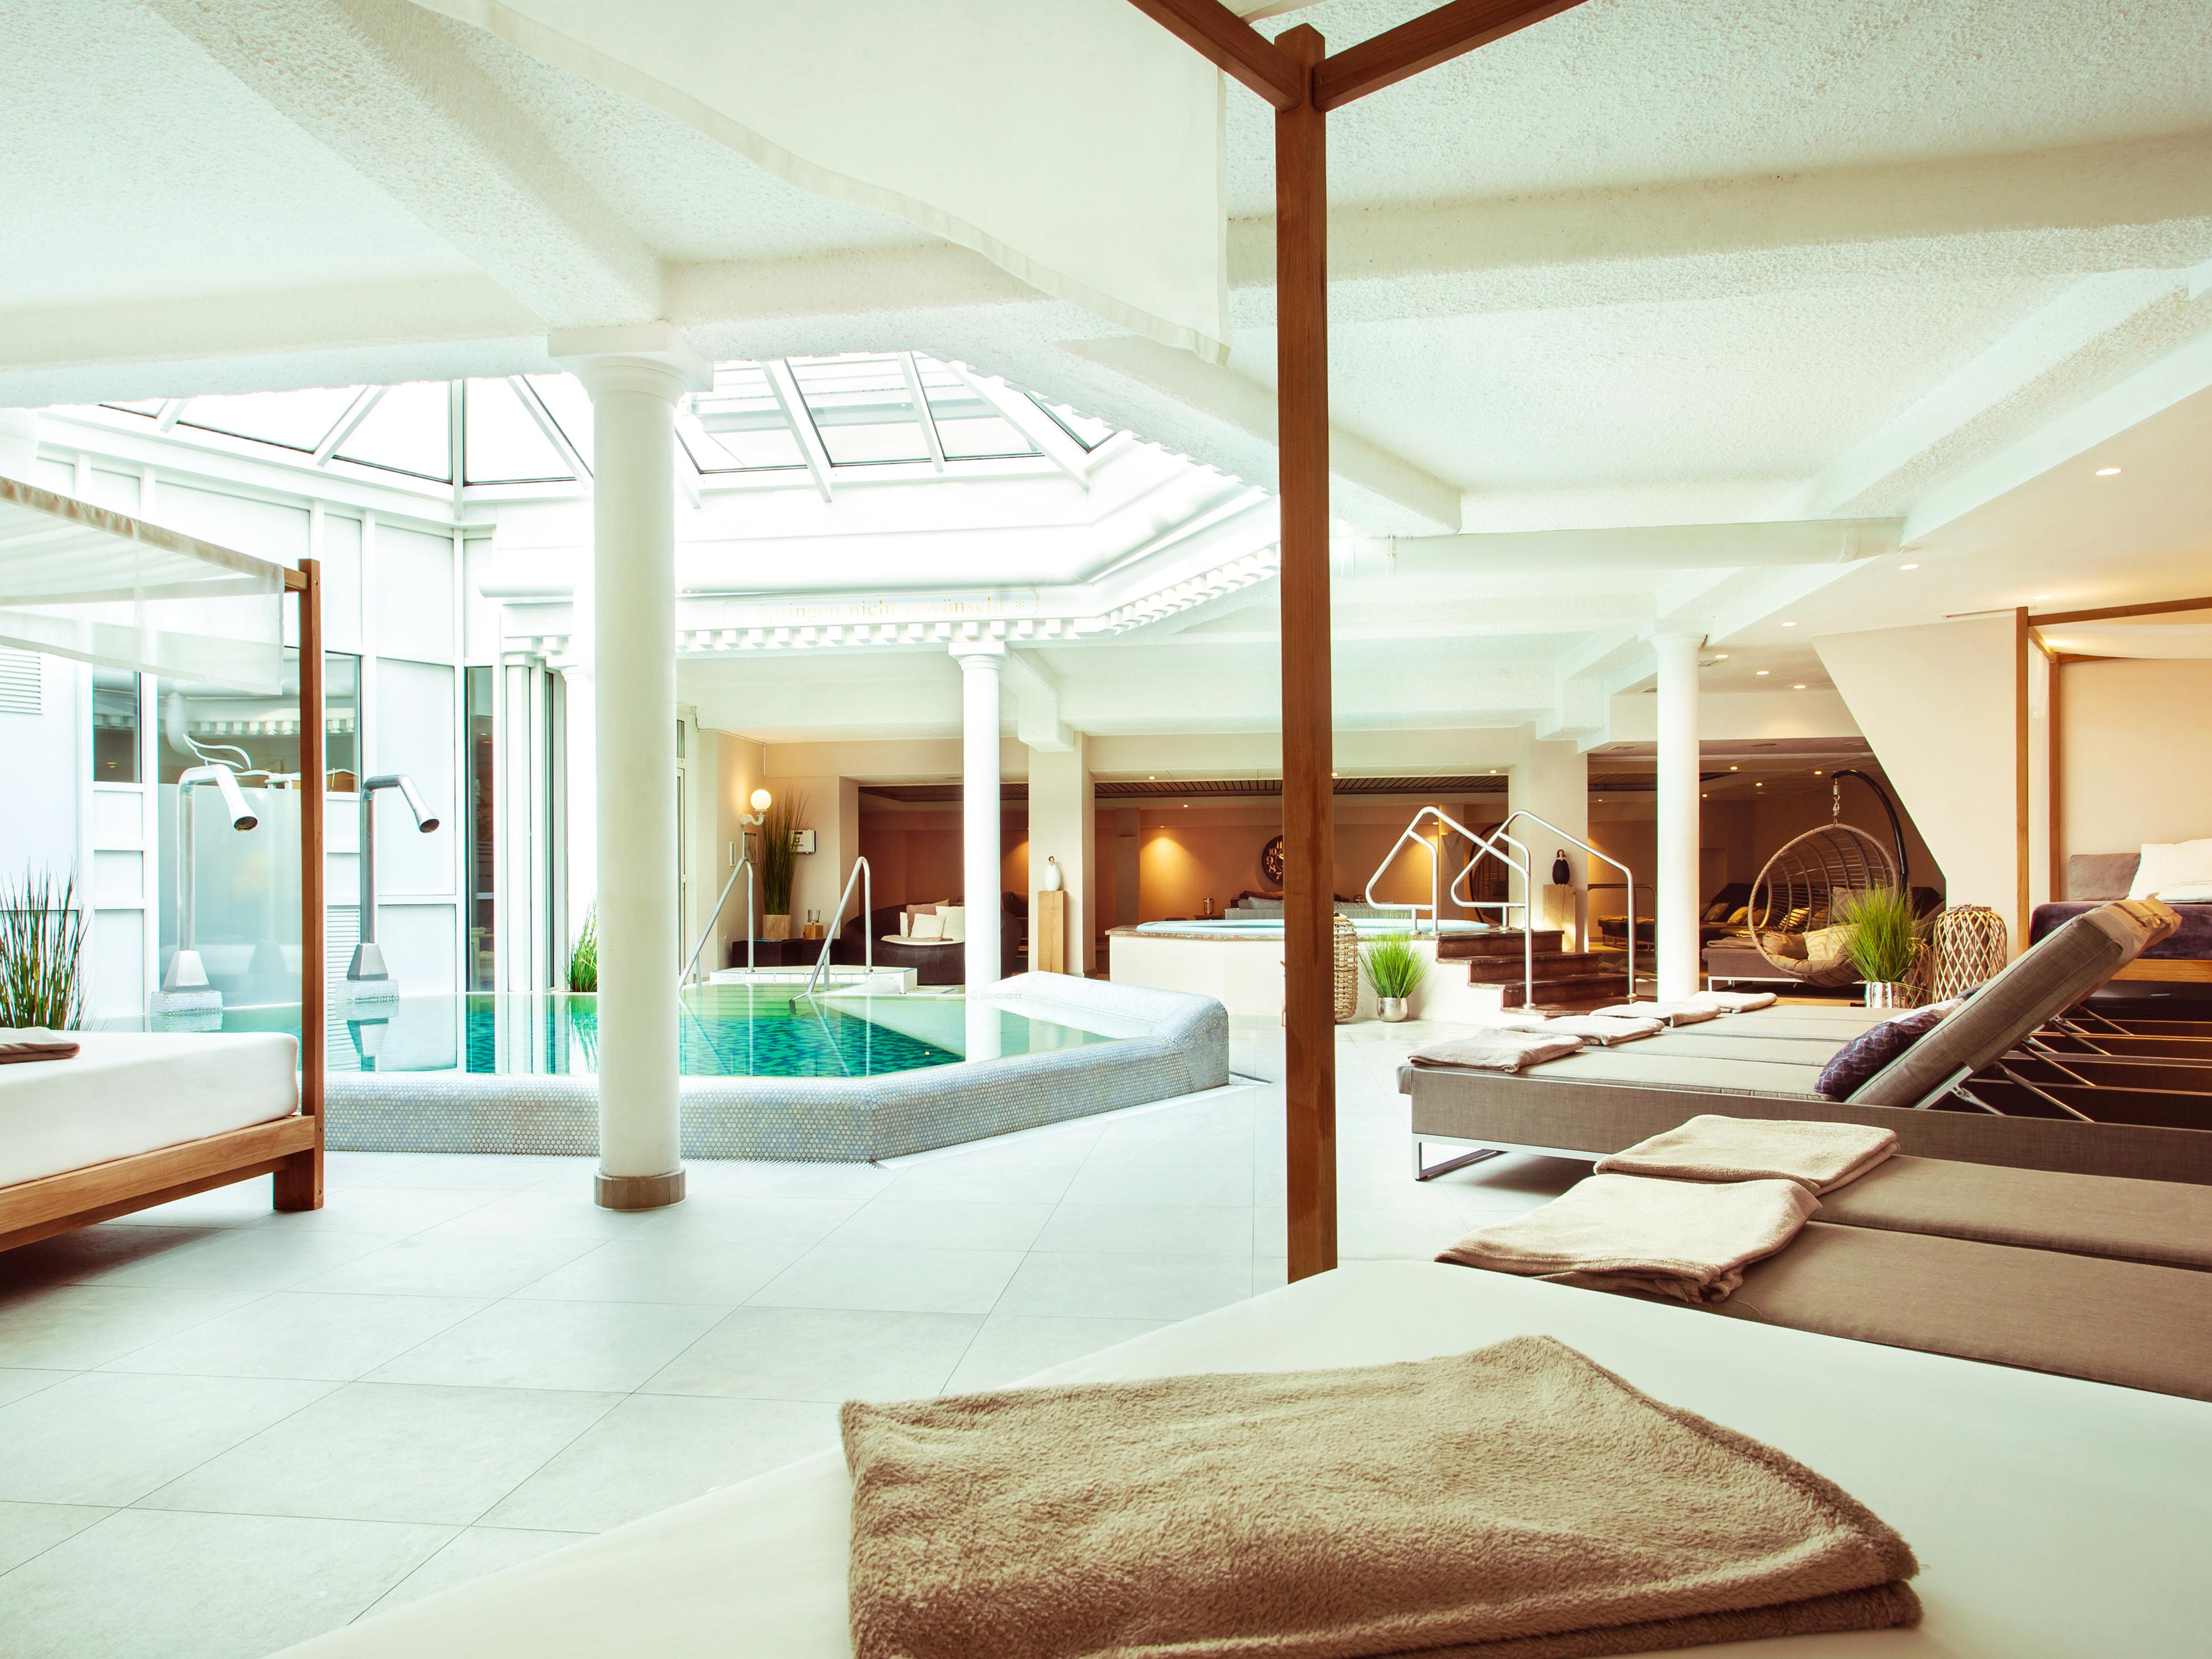 Abb Tagungshotel Romantischer Winkel -  SPA & Wellness Resort - Bad Sachsa